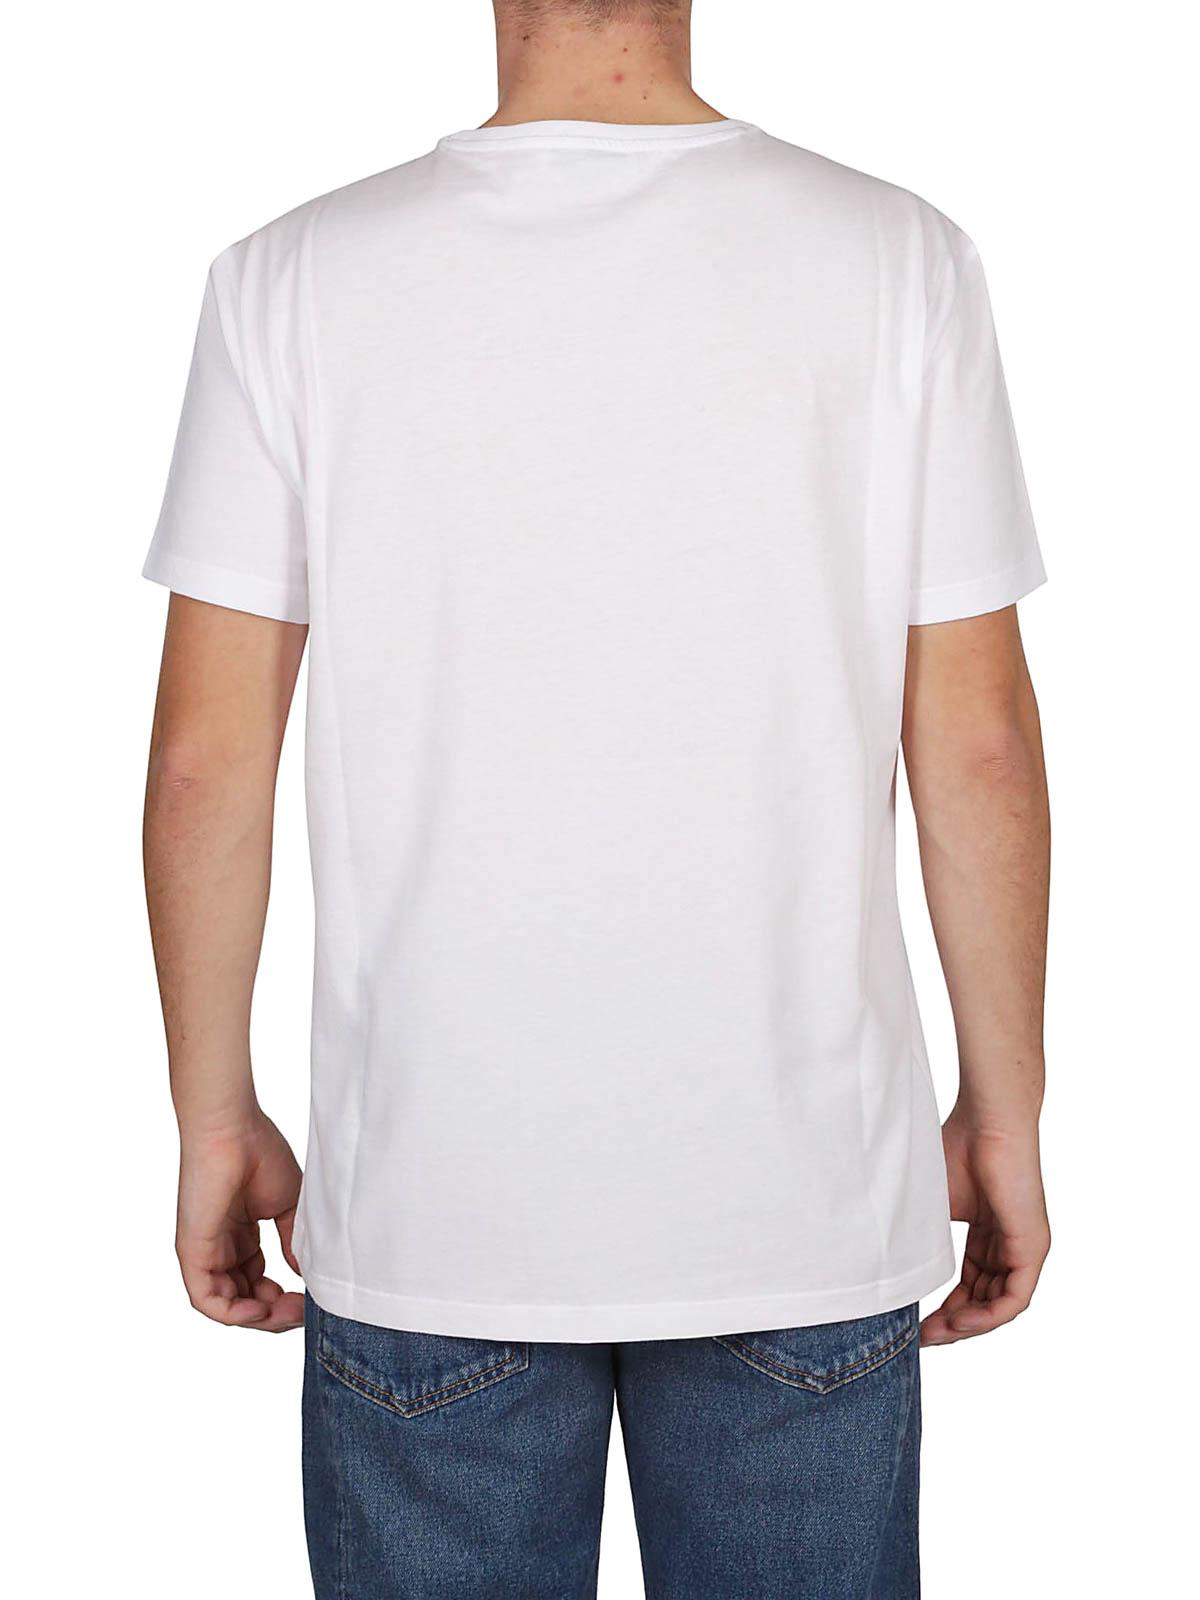 a8405bcf7 Alexander Mcqueen - Skull Patchwork white T-shirt - t-shirts ...